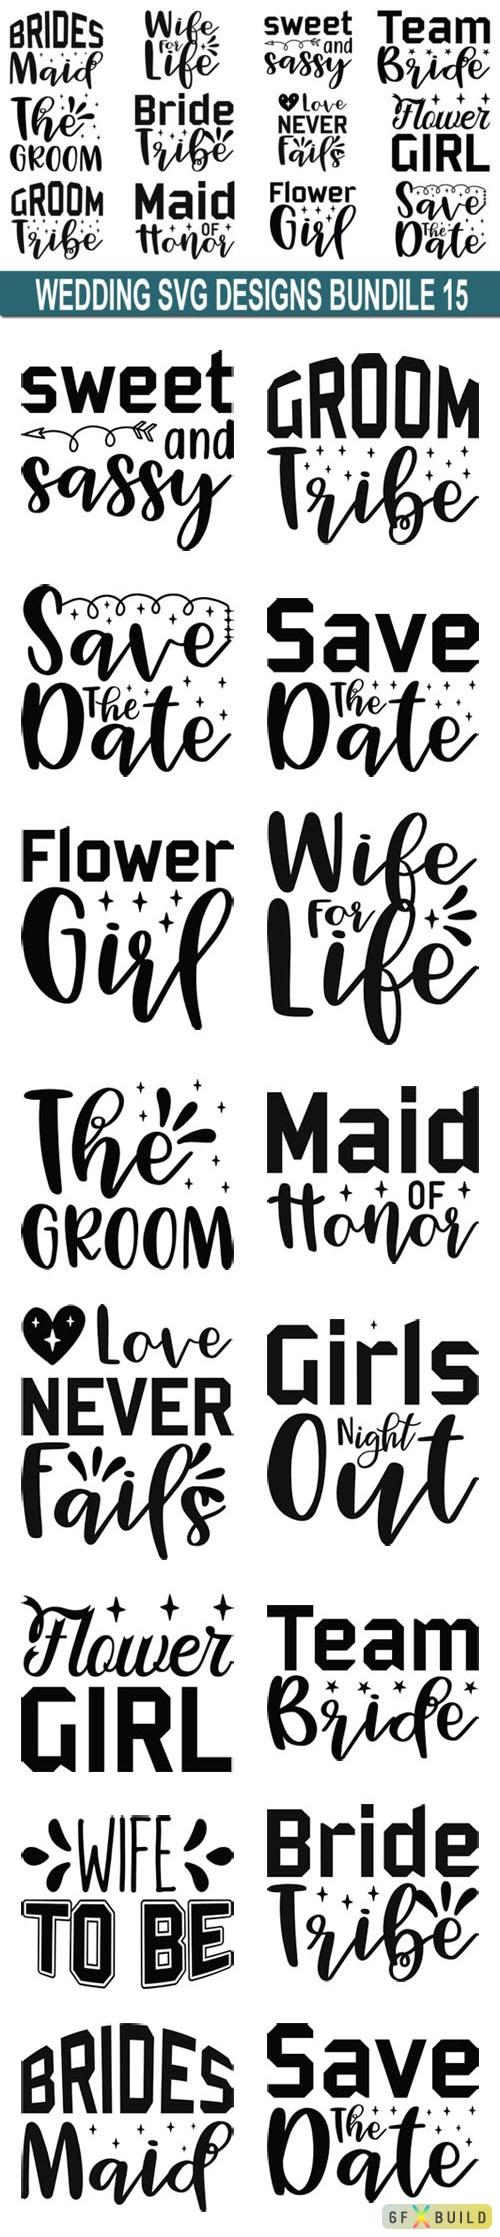 15 Wedding Vector Quotes Designs Bundle